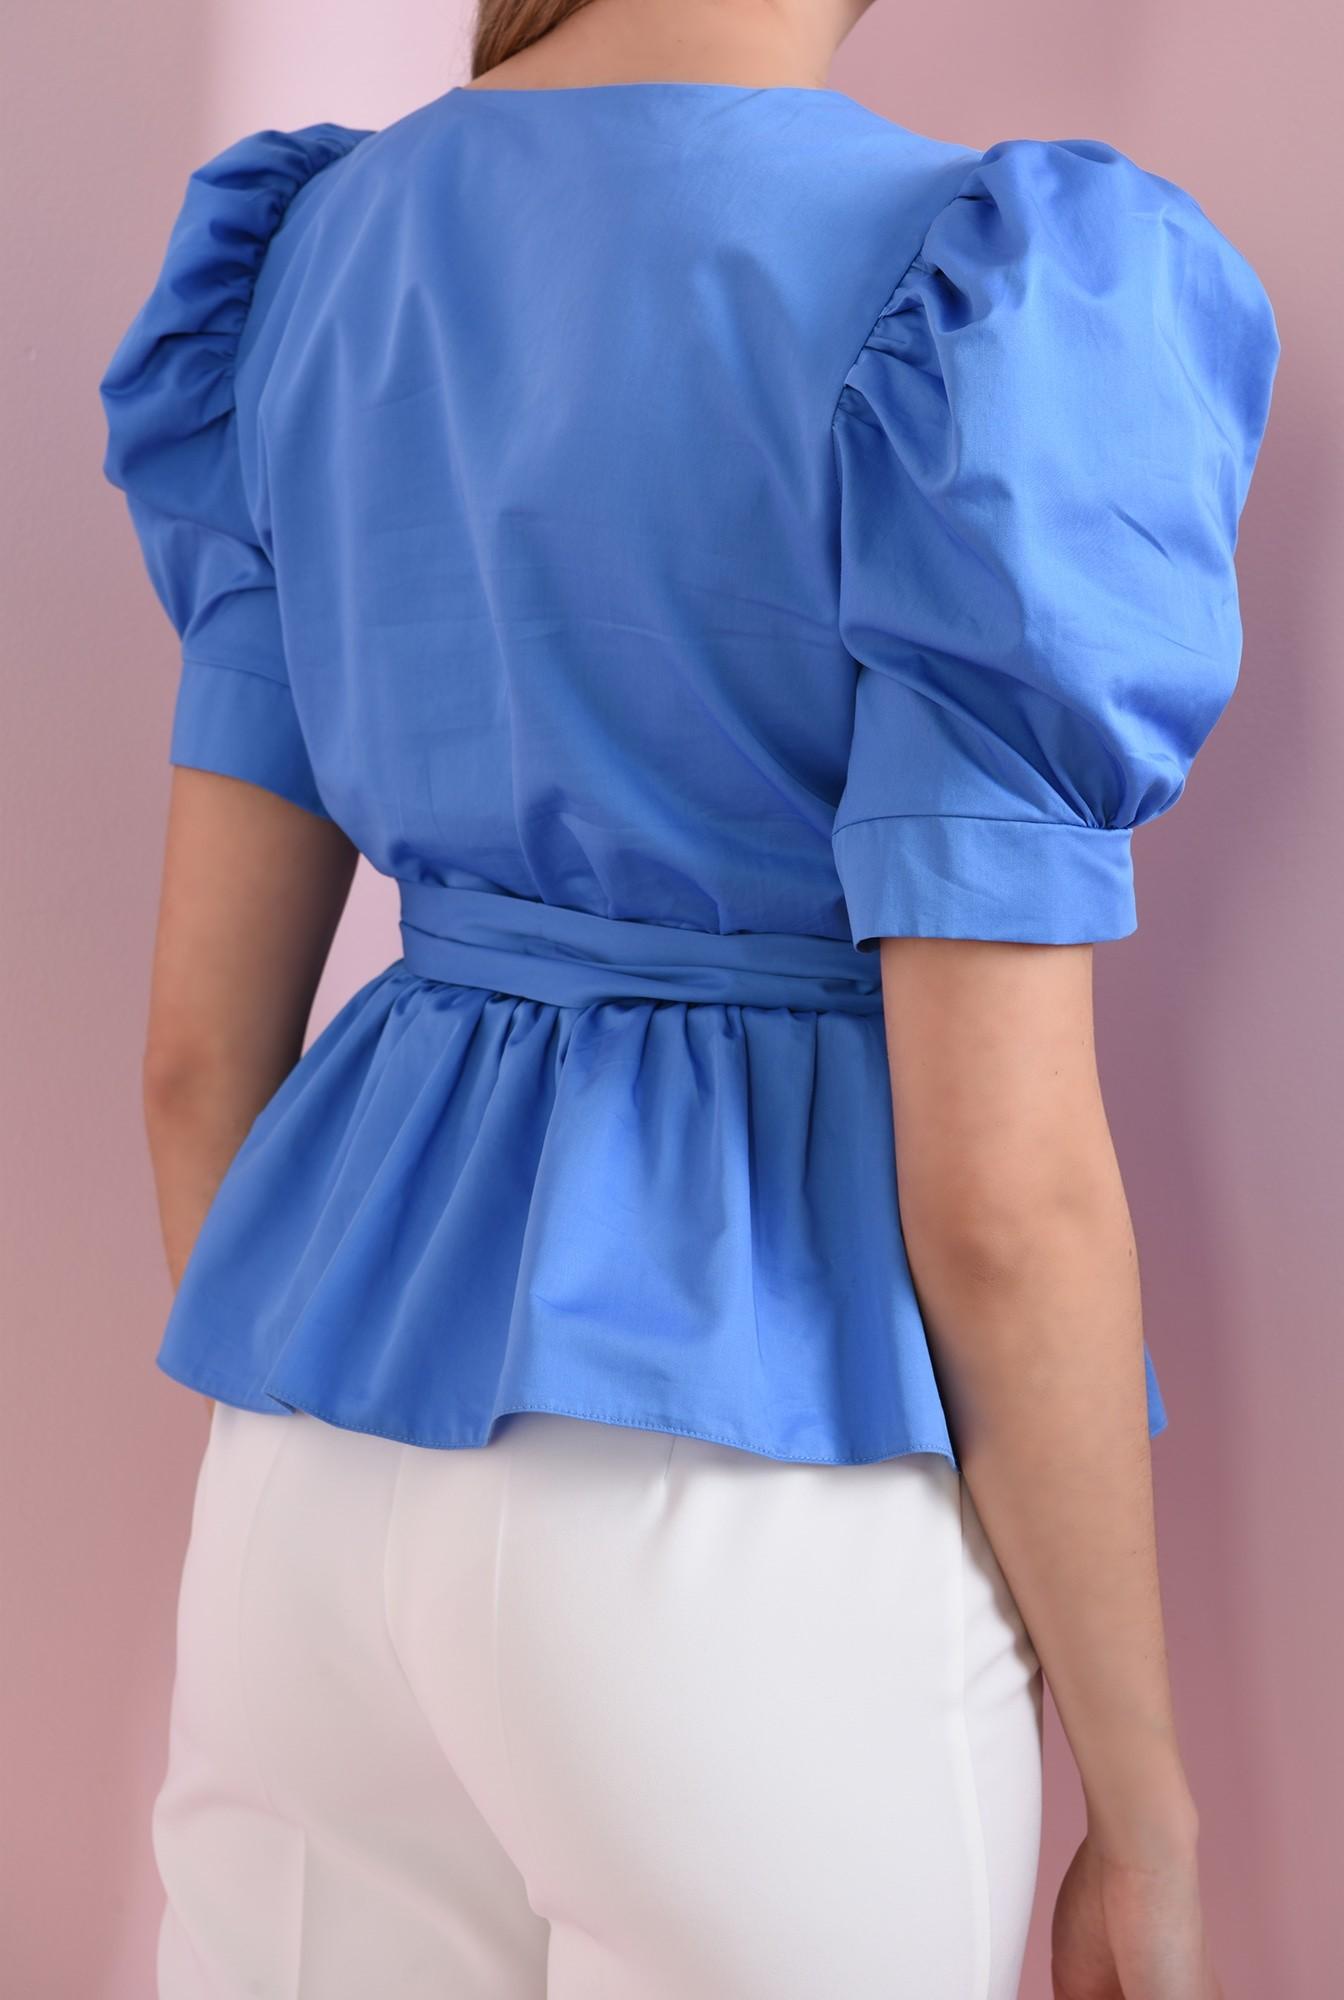 1 - 360 - bluza albastra, din bumbac